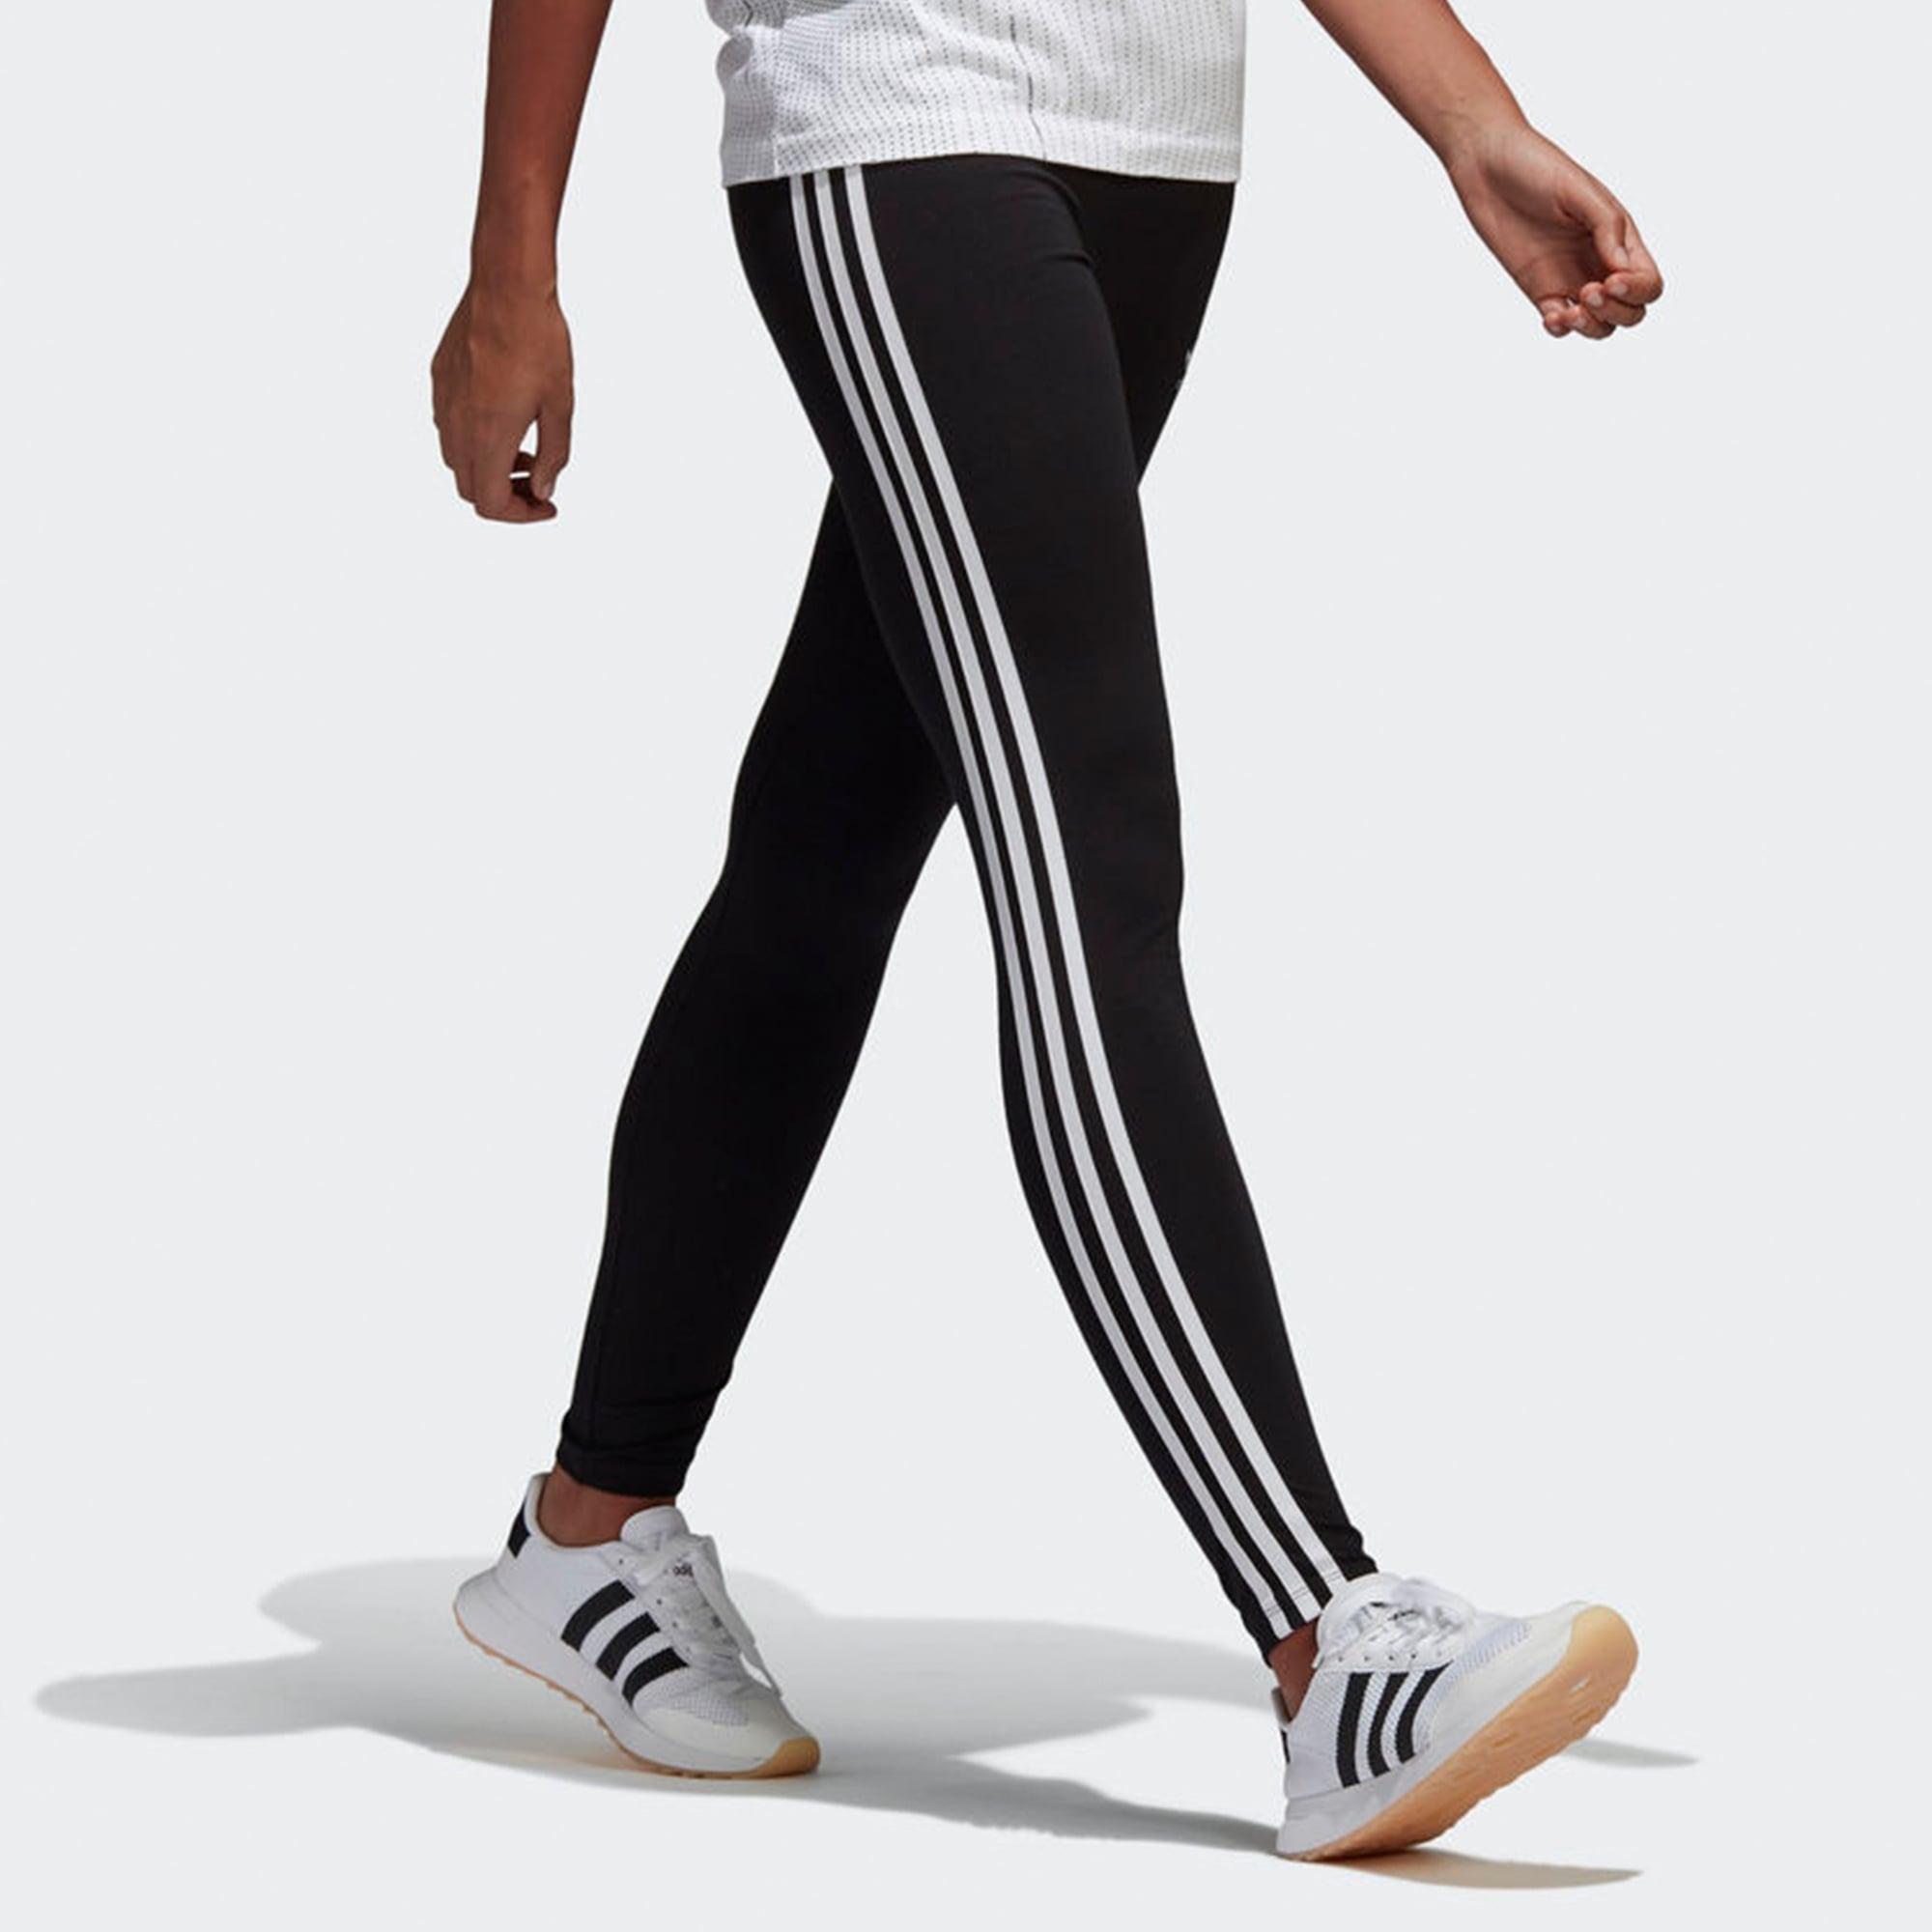 Adidas Originals Womens | Black Adidas Womens 3 rayas polainas | 07a2d63 - grind.website